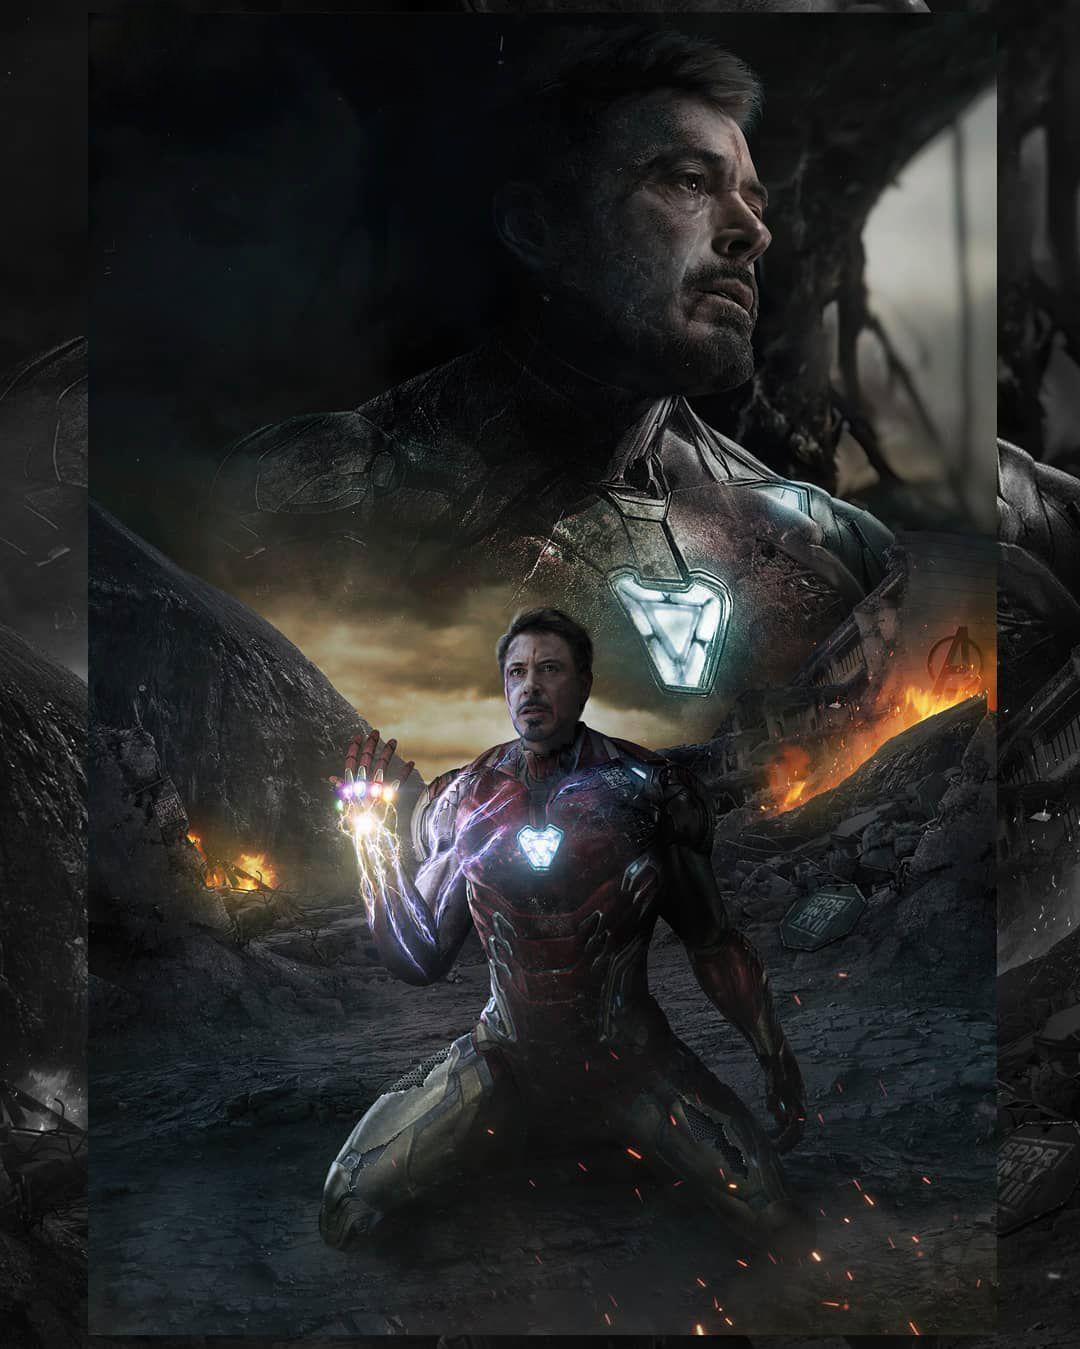 Iron Man Endgame Hd Wallpapers Top Free Iron Man Endgame